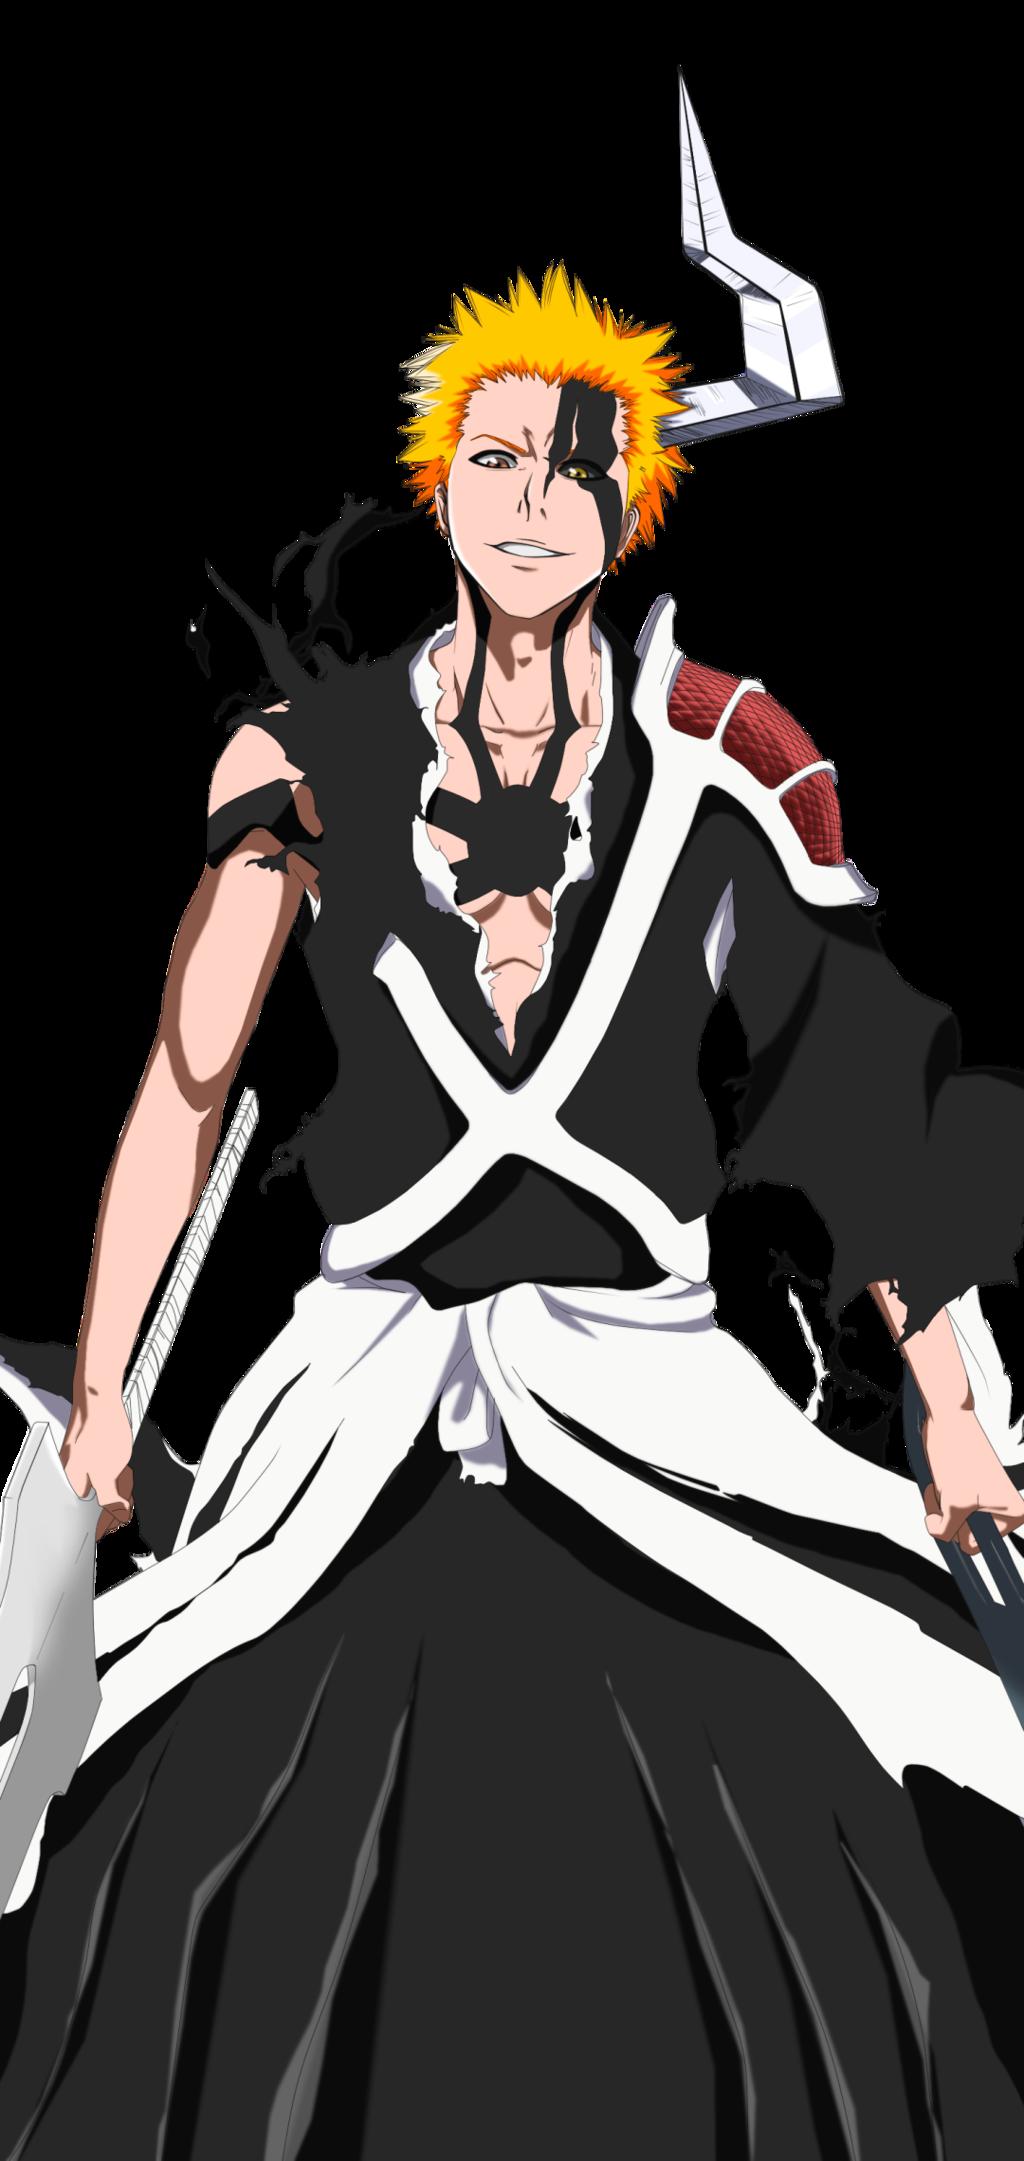 cool Bleach Anime Wallpaper Bleach